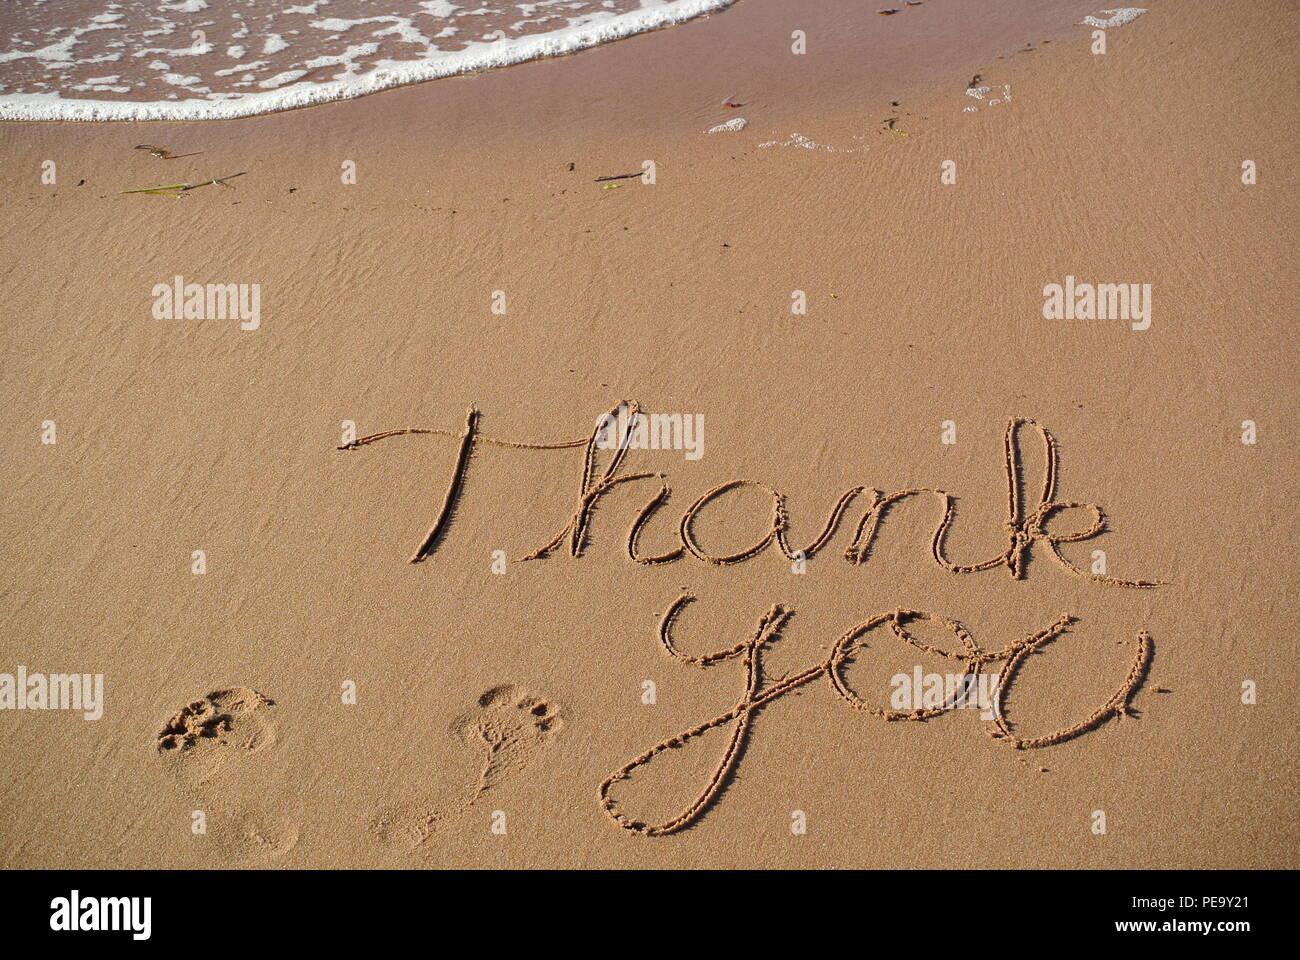 """Un beau message de remerciements """"merci"""" à la main dans un style cursif sur le sable rouge sur une plage avec une vague, l'Île du Prince Édouard. Photo Stock"""